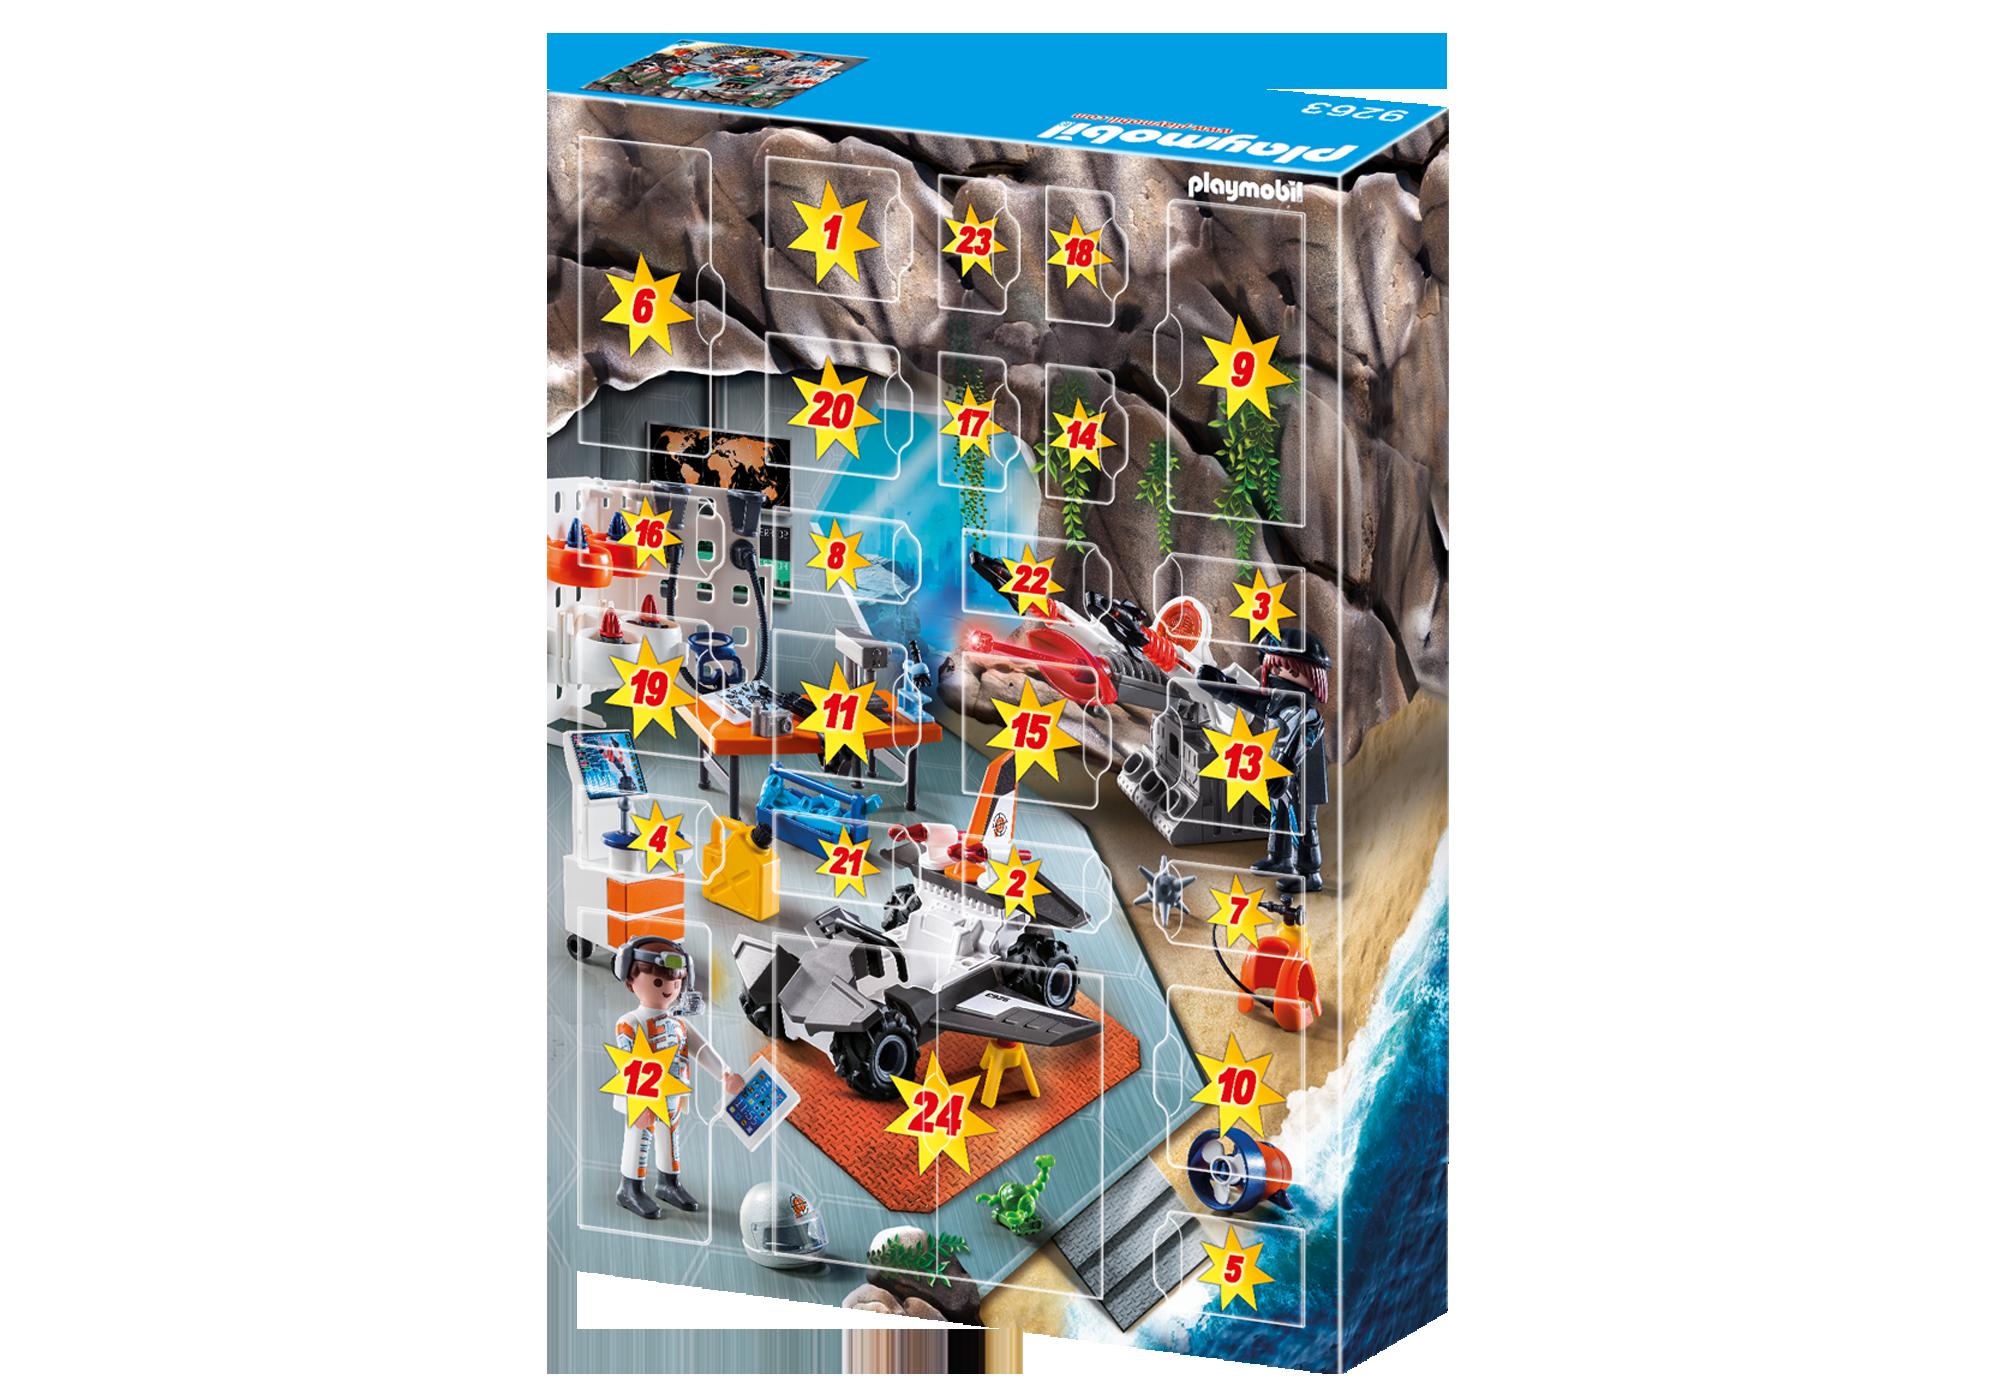 """http://media.playmobil.com/i/playmobil/9263_product_extra2/Adventskalender """"Spy Team Werkstatt"""""""